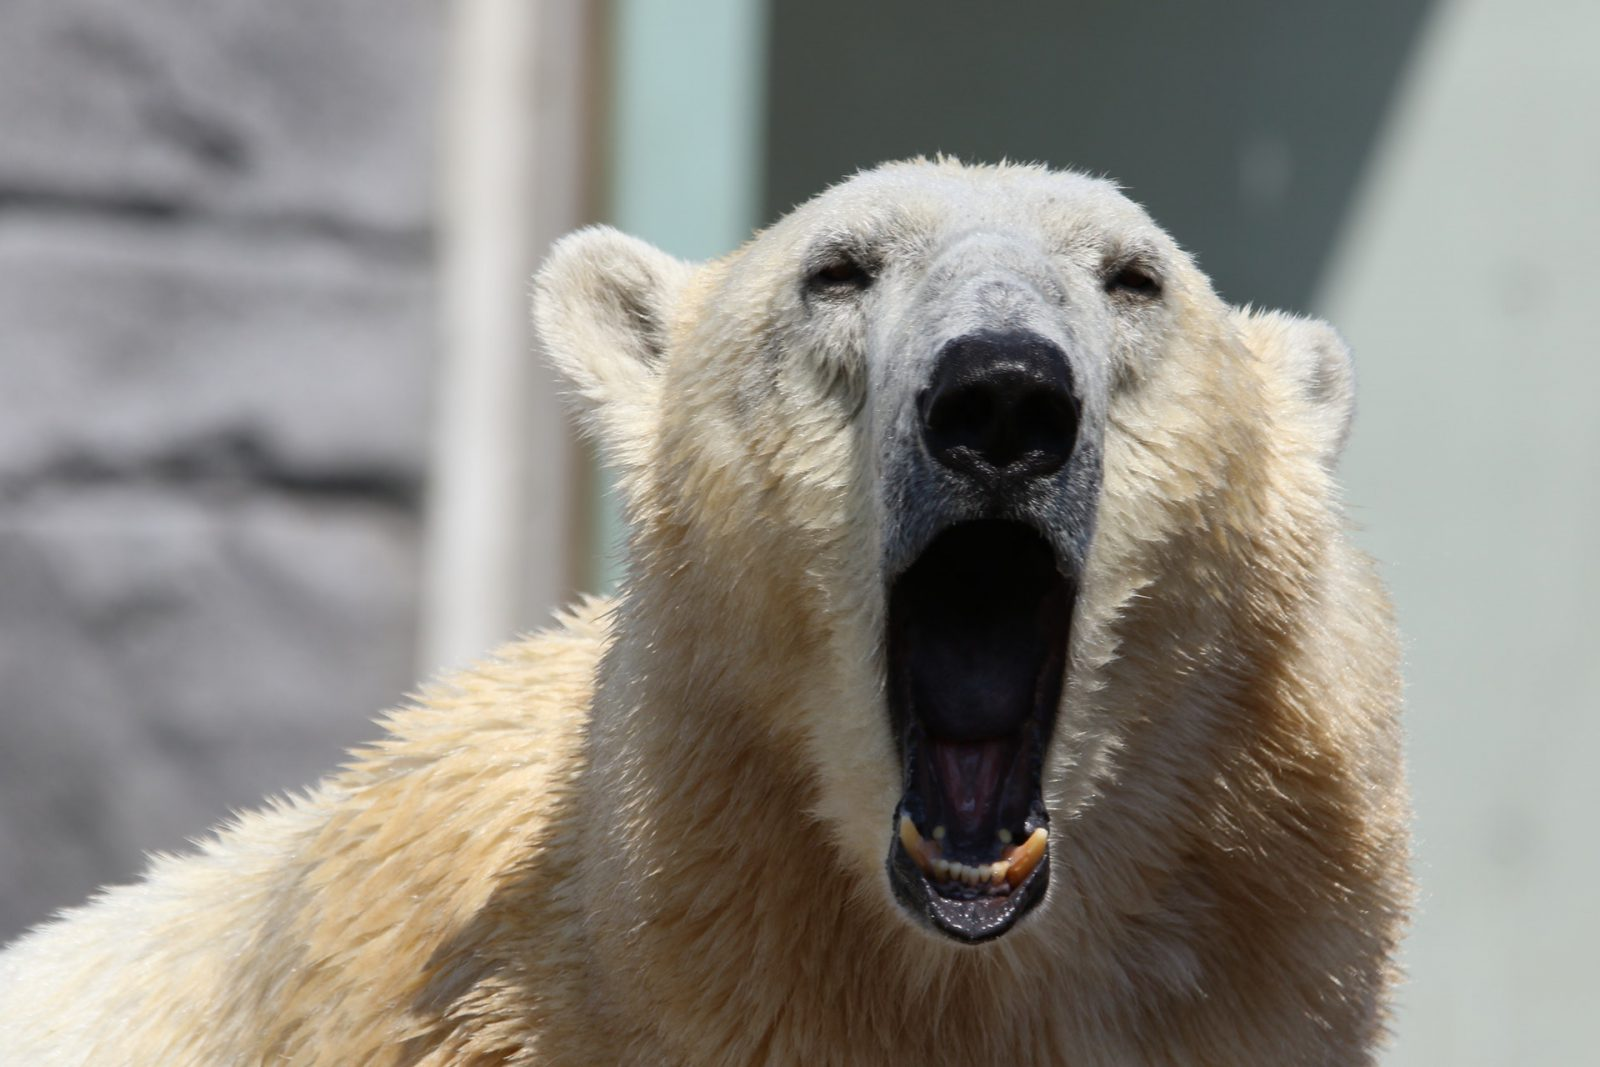 Sonhar com vários ursos significa problemas a caminho.